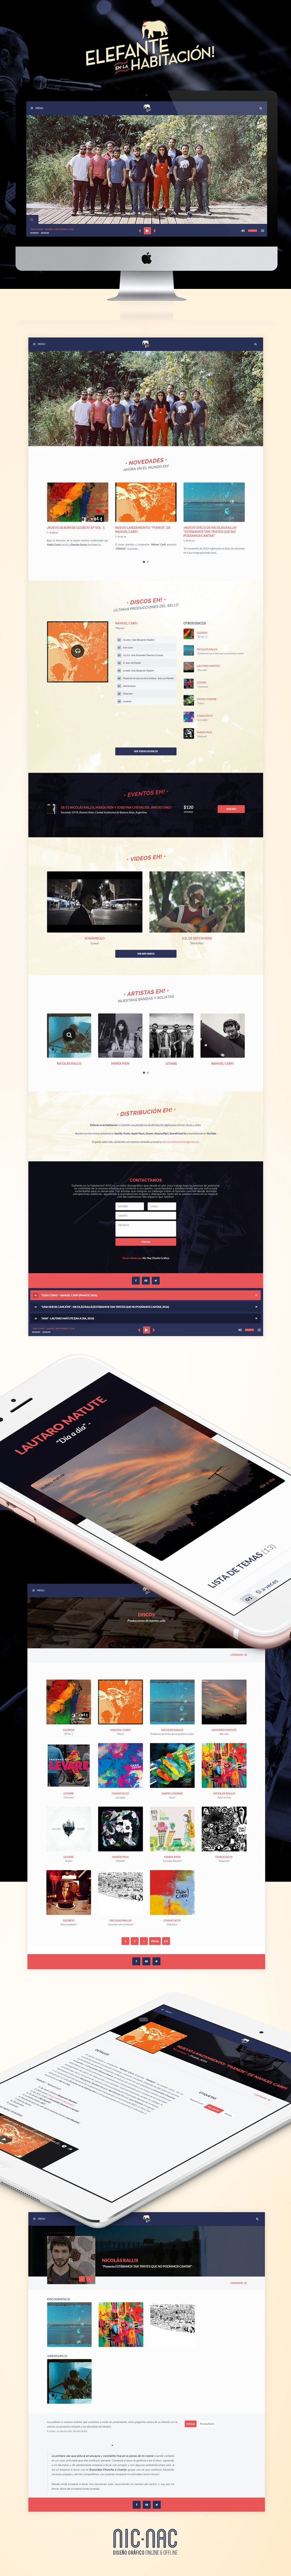 Diseño & desarrollo Web para el sello discográfico Elefante En La Habitación, grupo independiente y autogestivo de músicos promotores de la cultura radicados en Ciudad de Buenos Aires. http://nicnacdg.com/